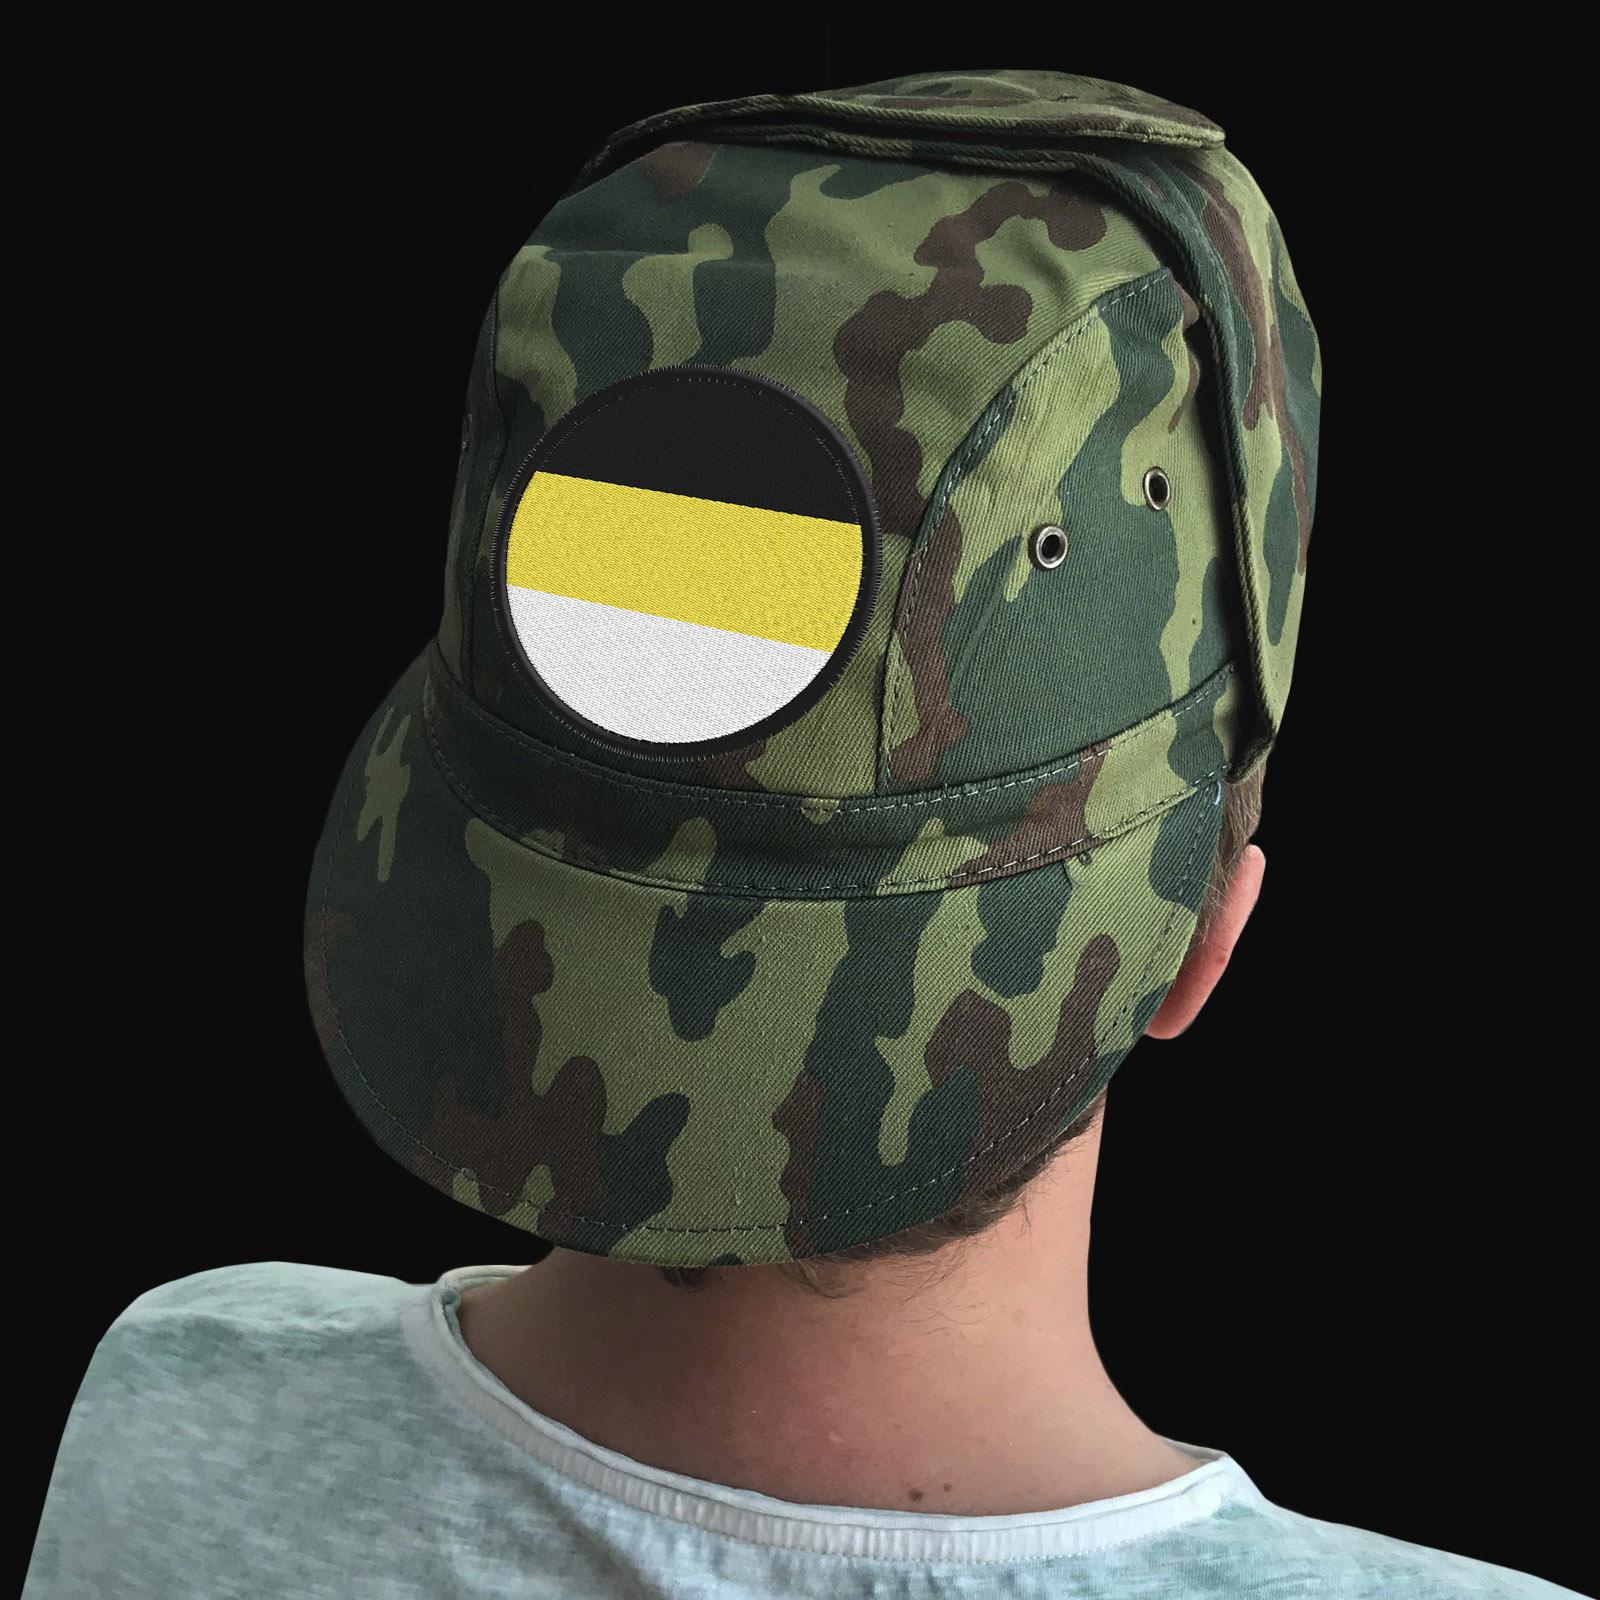 Имперские кепки в камуфляжном дизайне